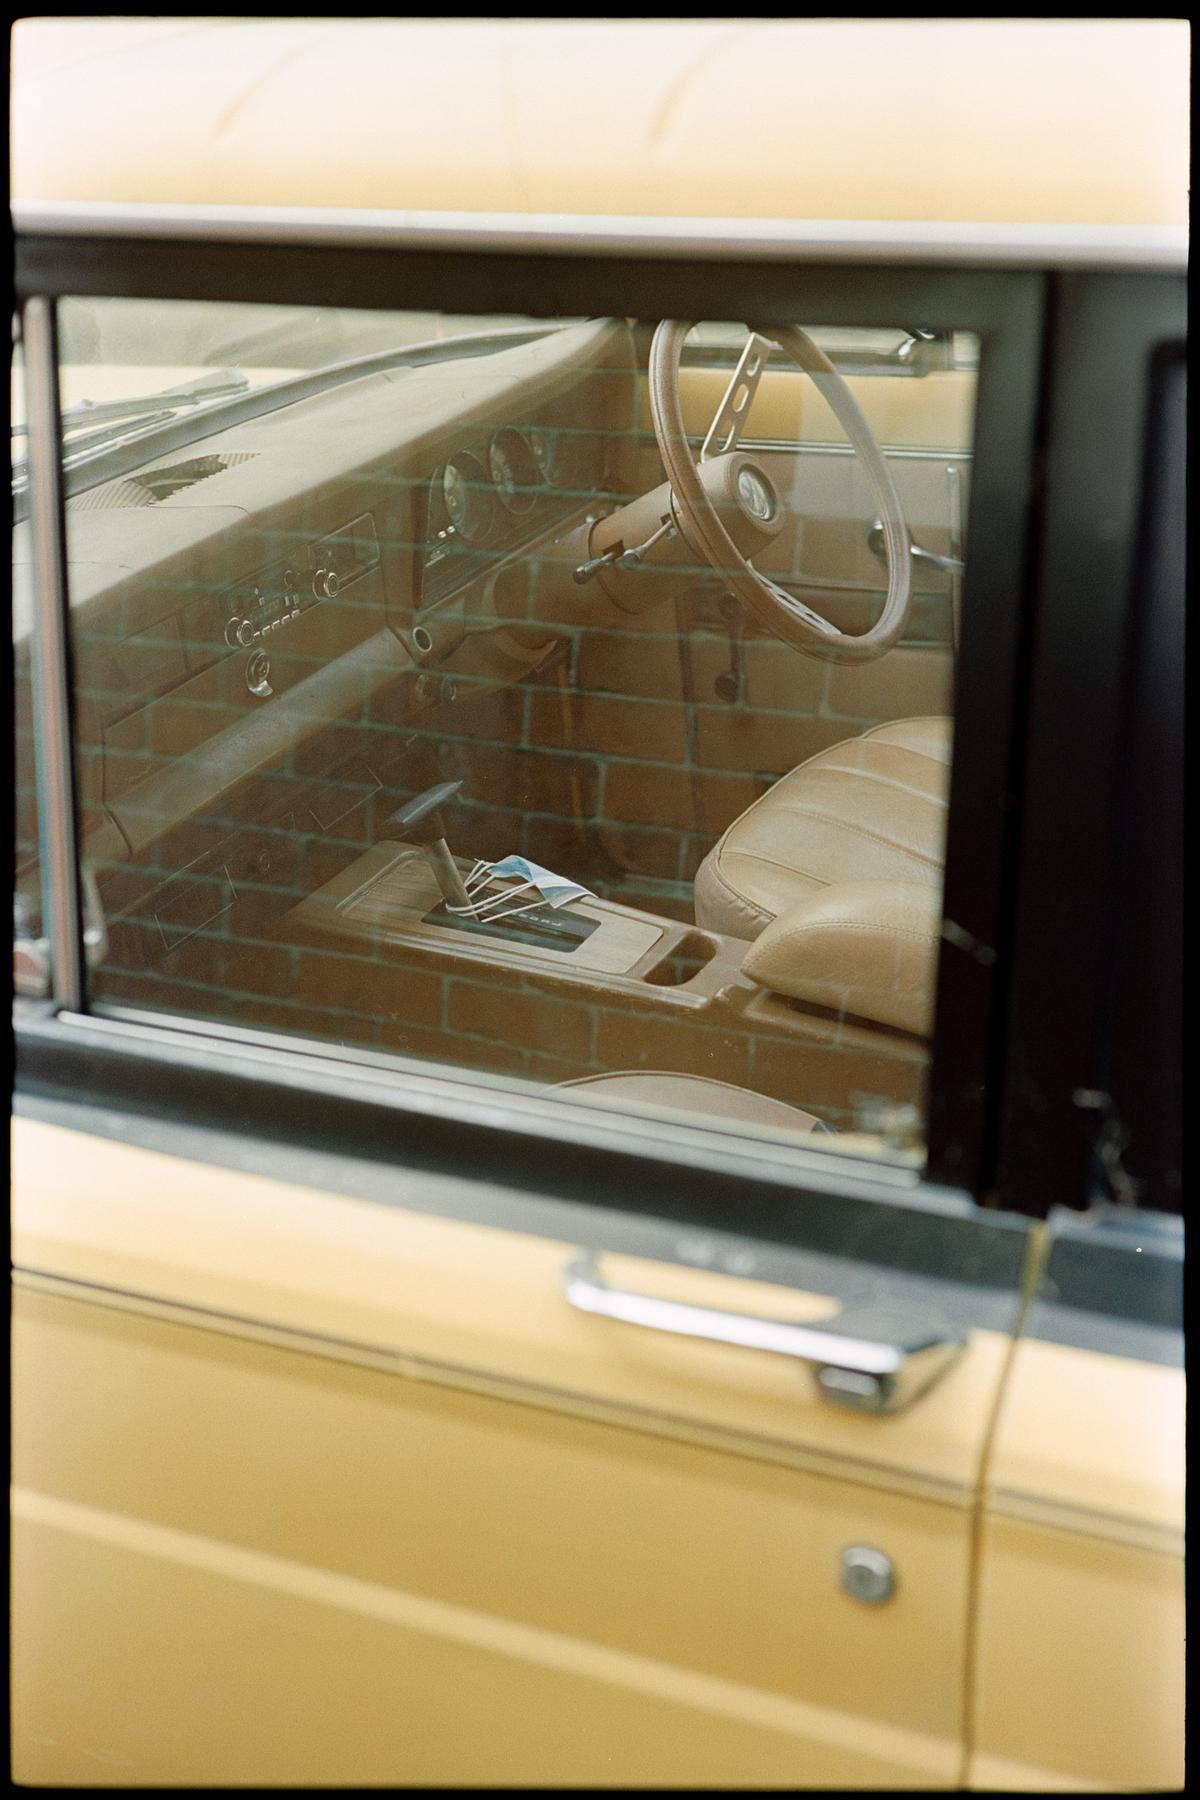 Kodak 250D in the Leica M4